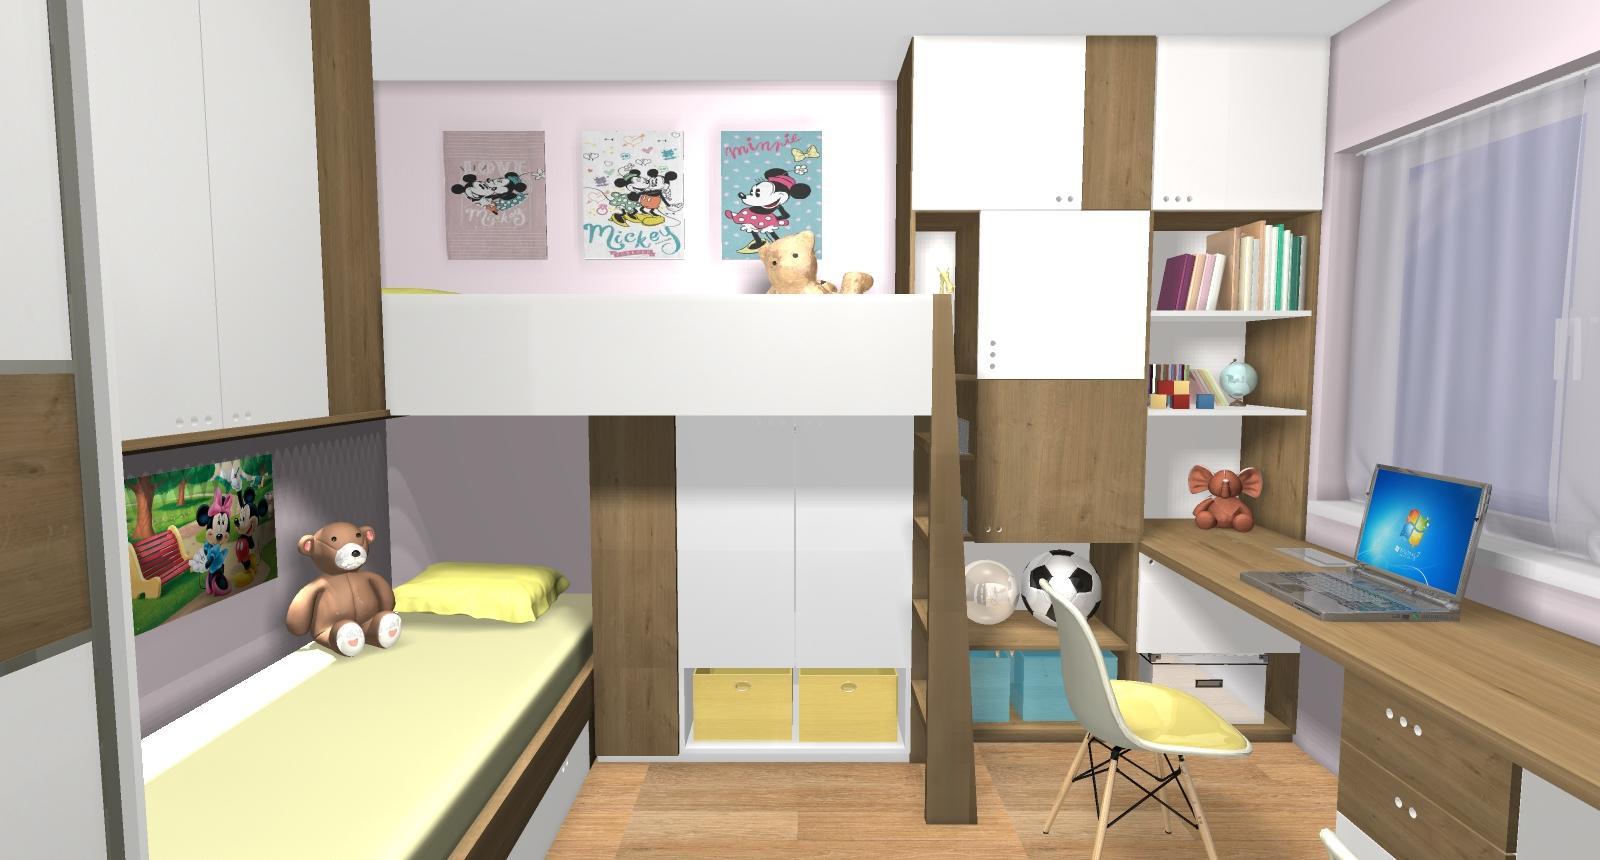 Grafické návrhy interiér 2019 - Grafický návrh detskej izby pre dve dievčatká - verzia 2 - obr.7